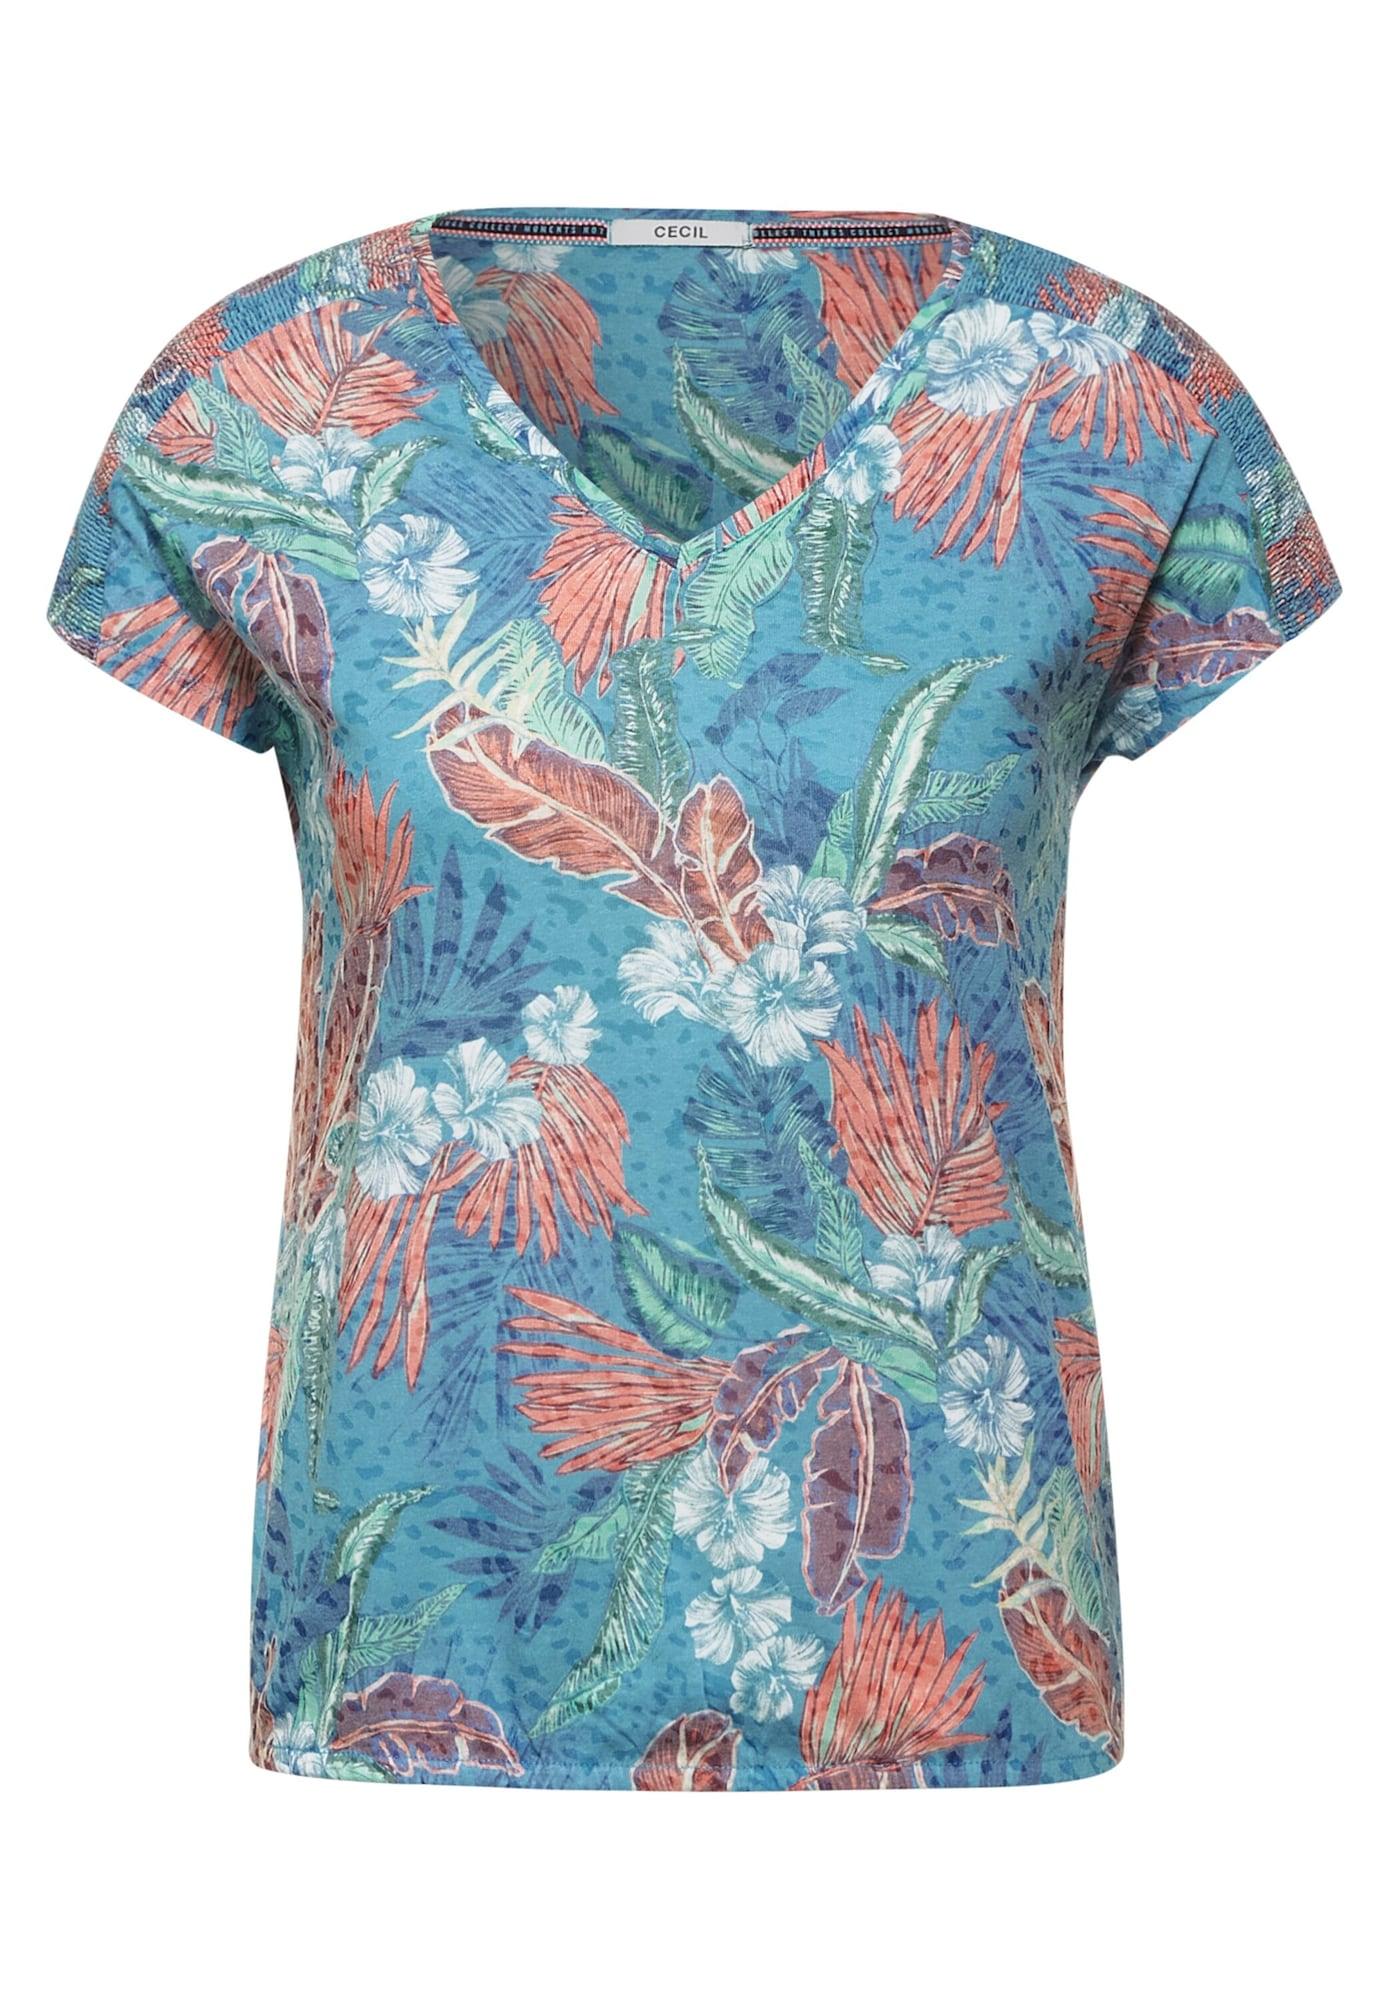 CECIL Marškinėliai šviesiai mėlyna / pastelinė raudona / balta / pastelinė žalia / vyno raudona spalva